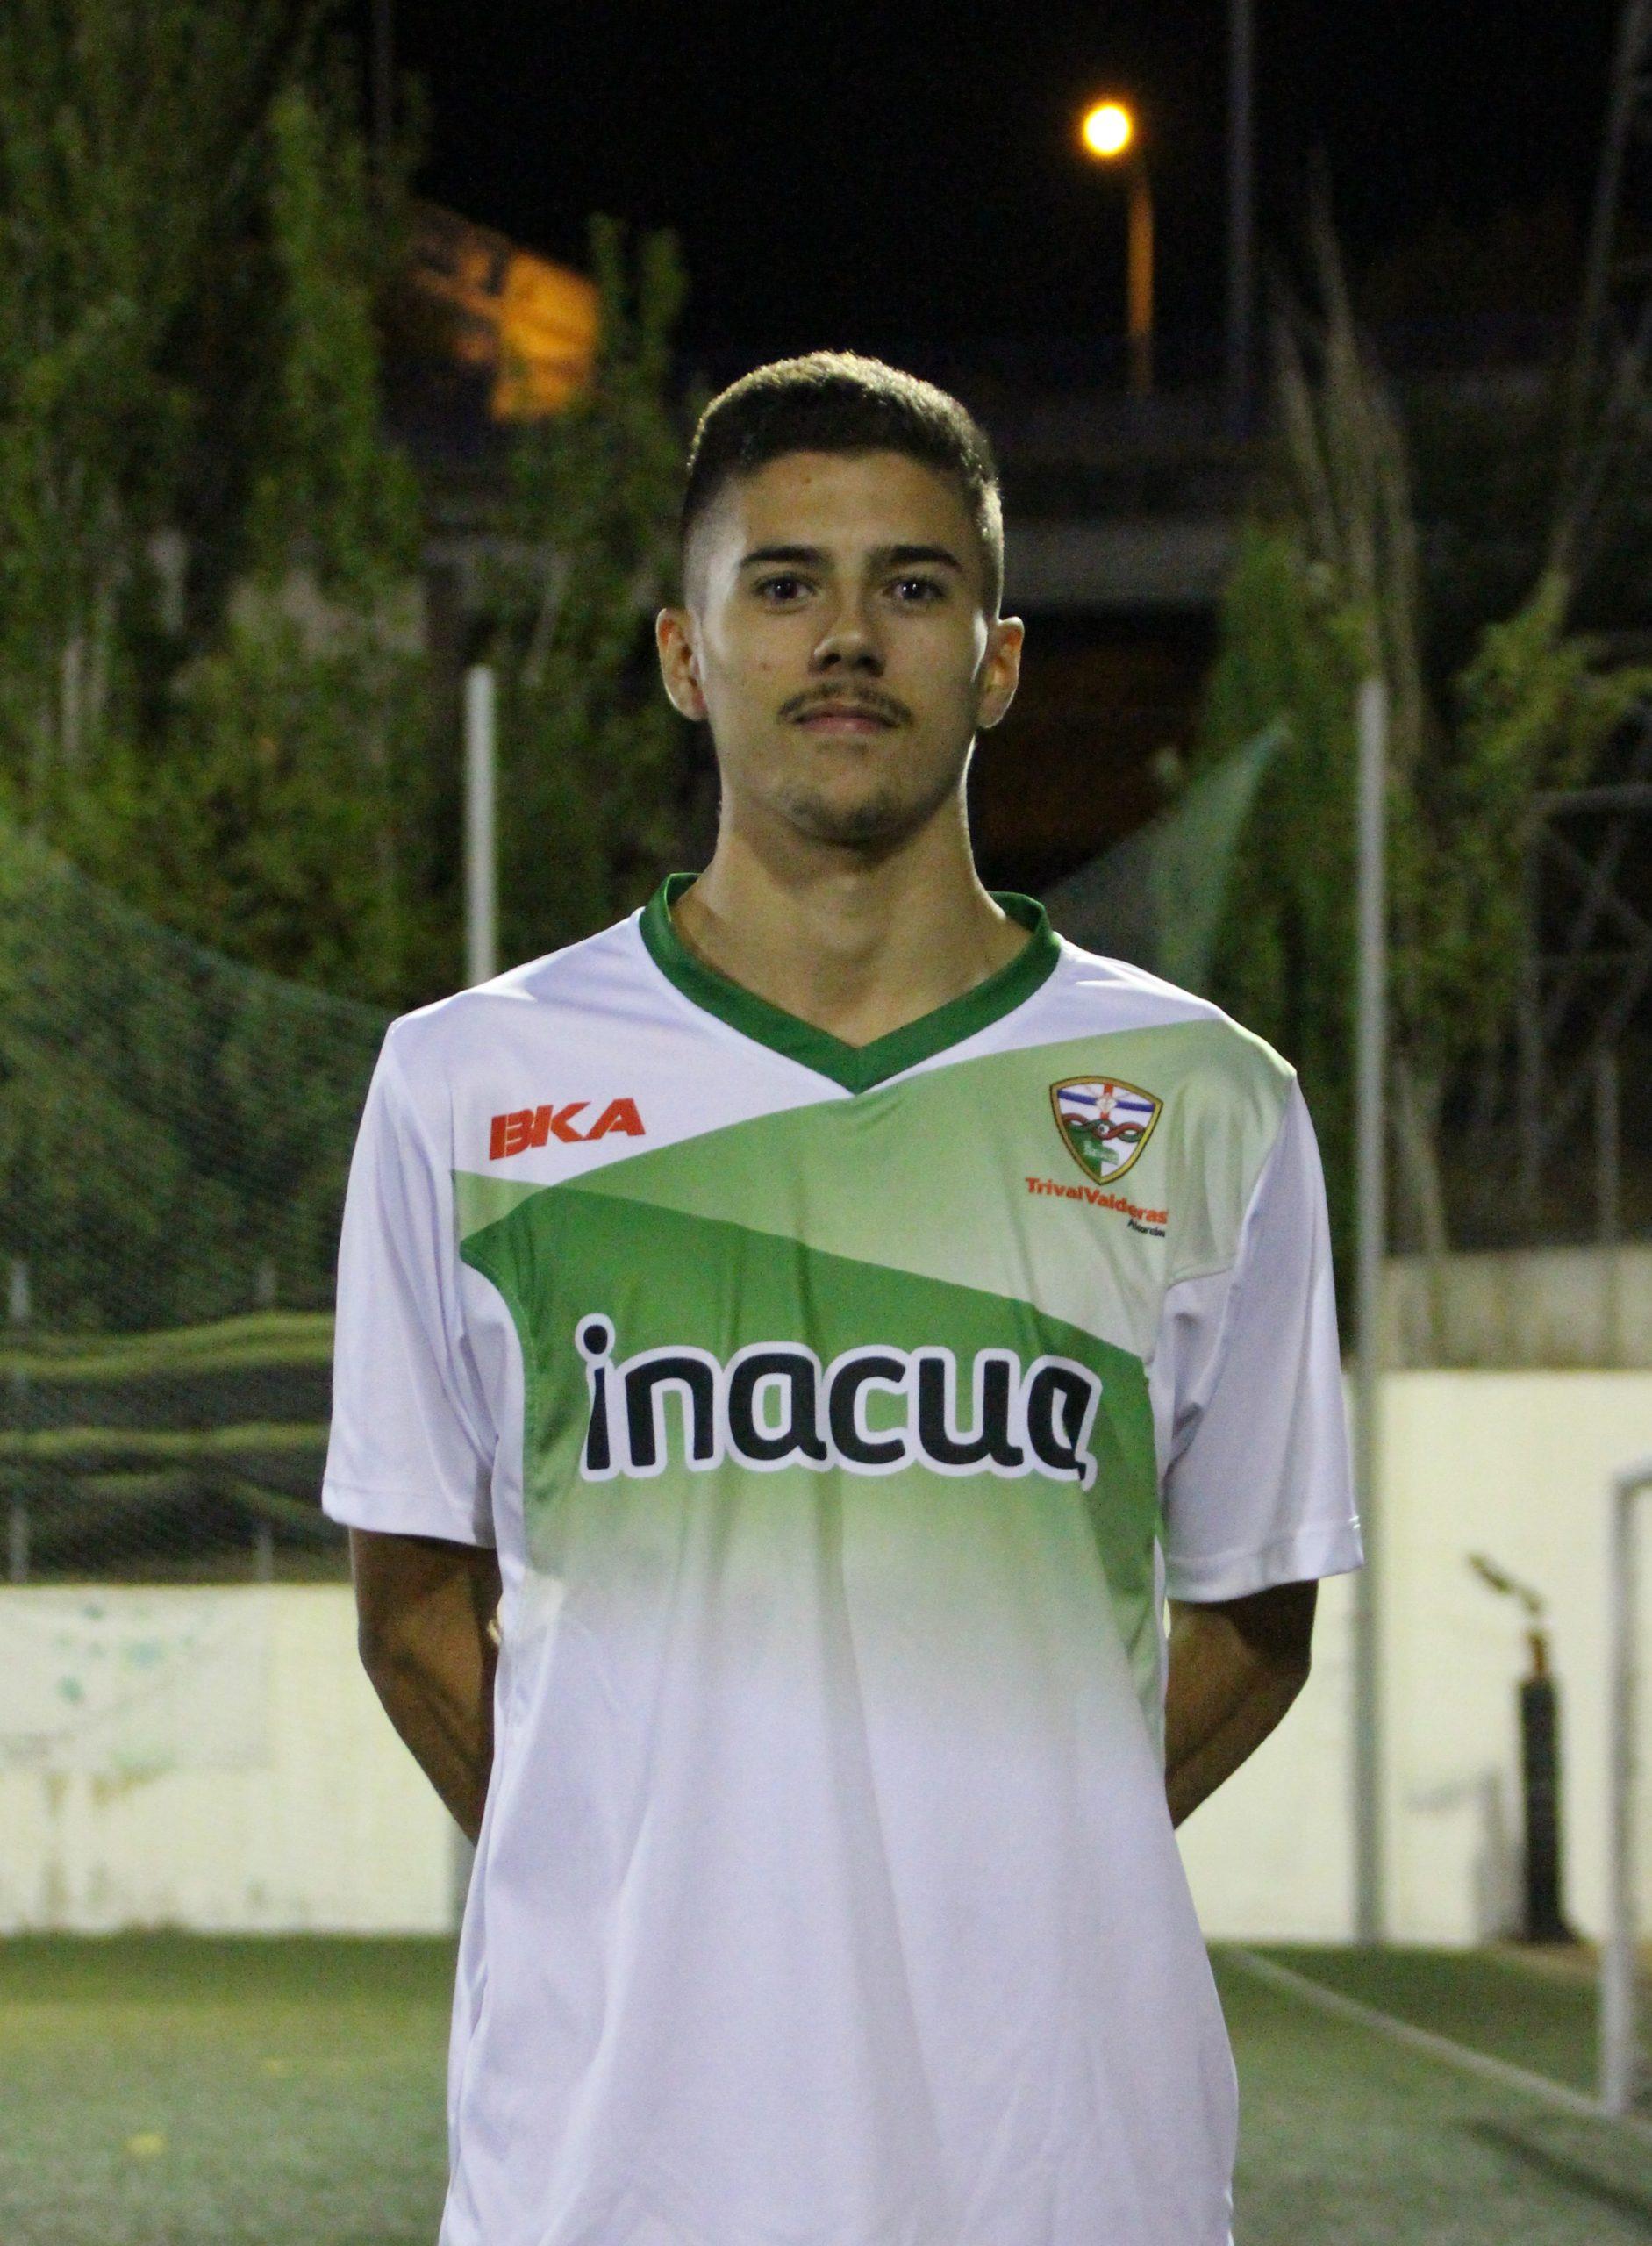 Roberto Pérez Fuentes